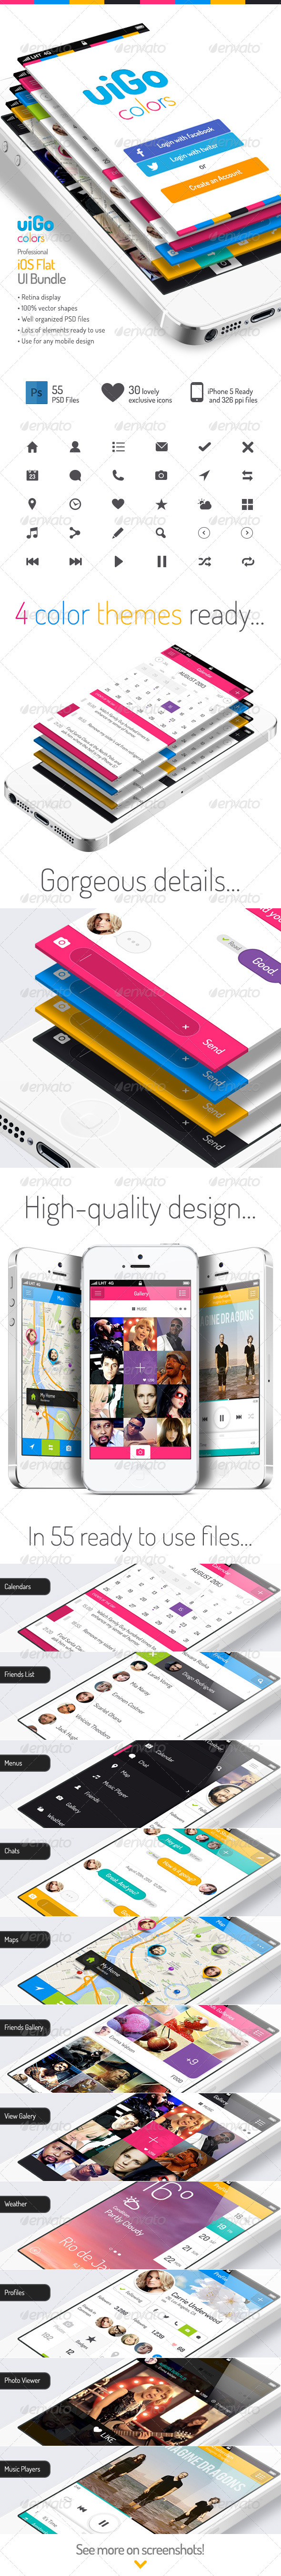 GraphicRiver uiGo Colors iOS Flat UI Bundle 5291876